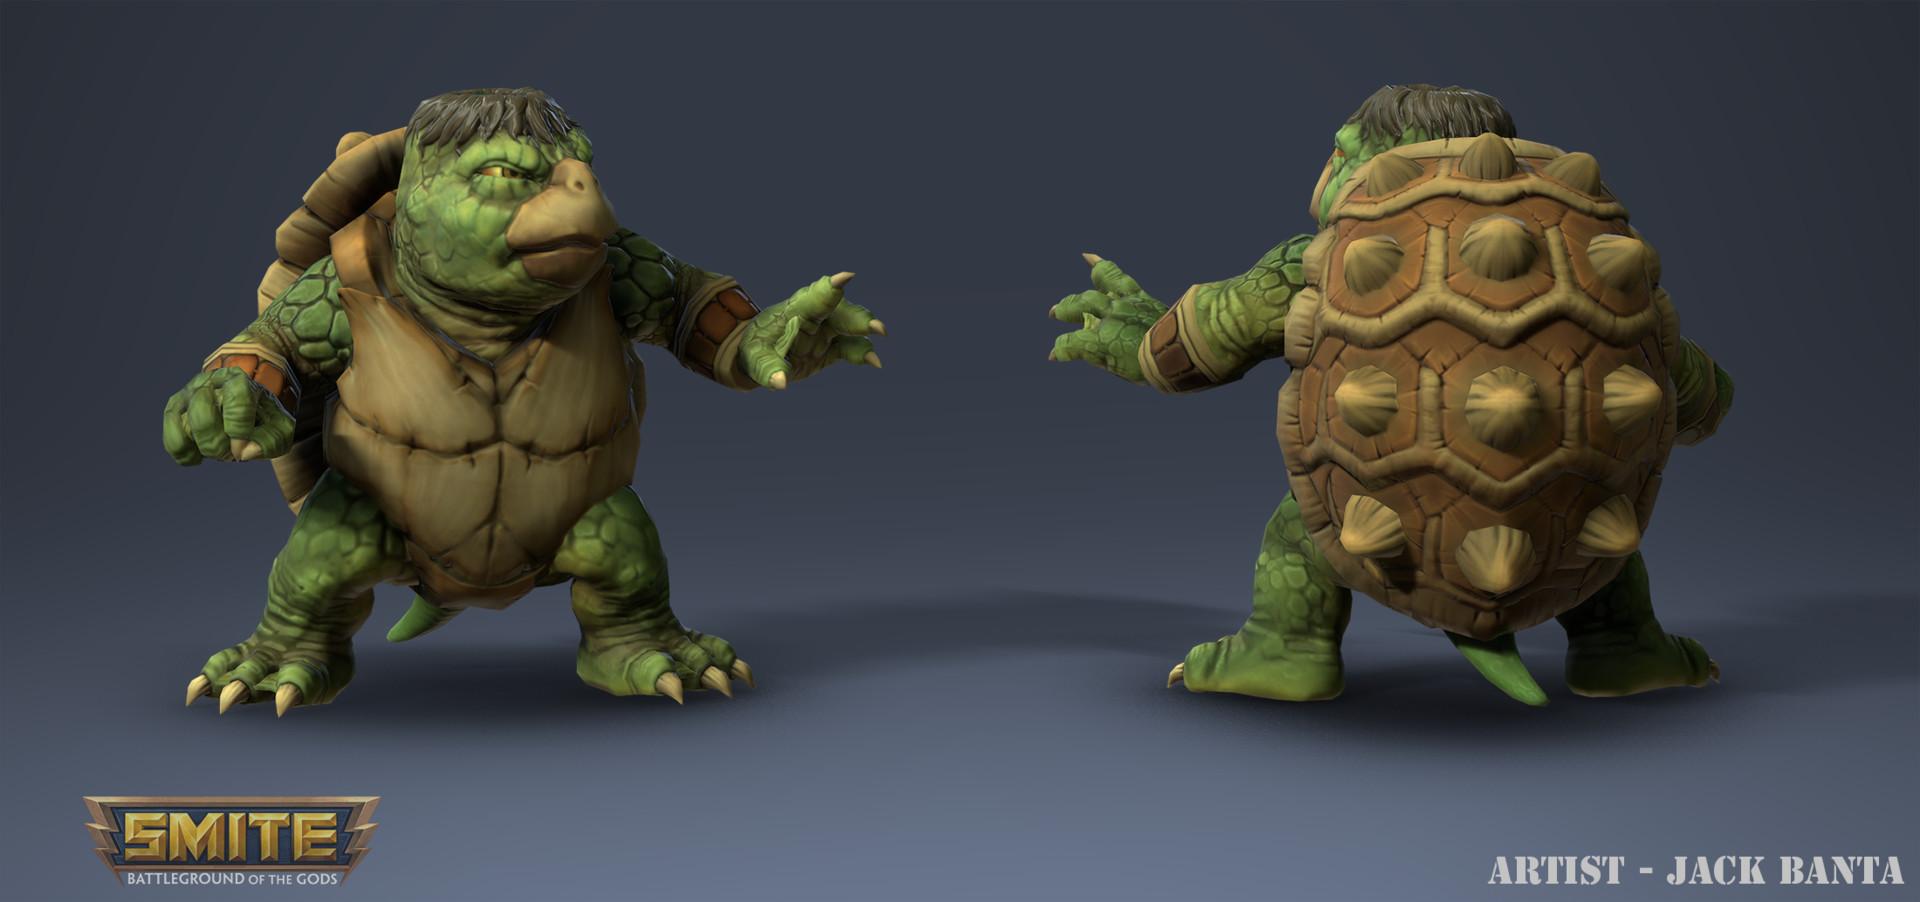 Jack banta smite turtle image